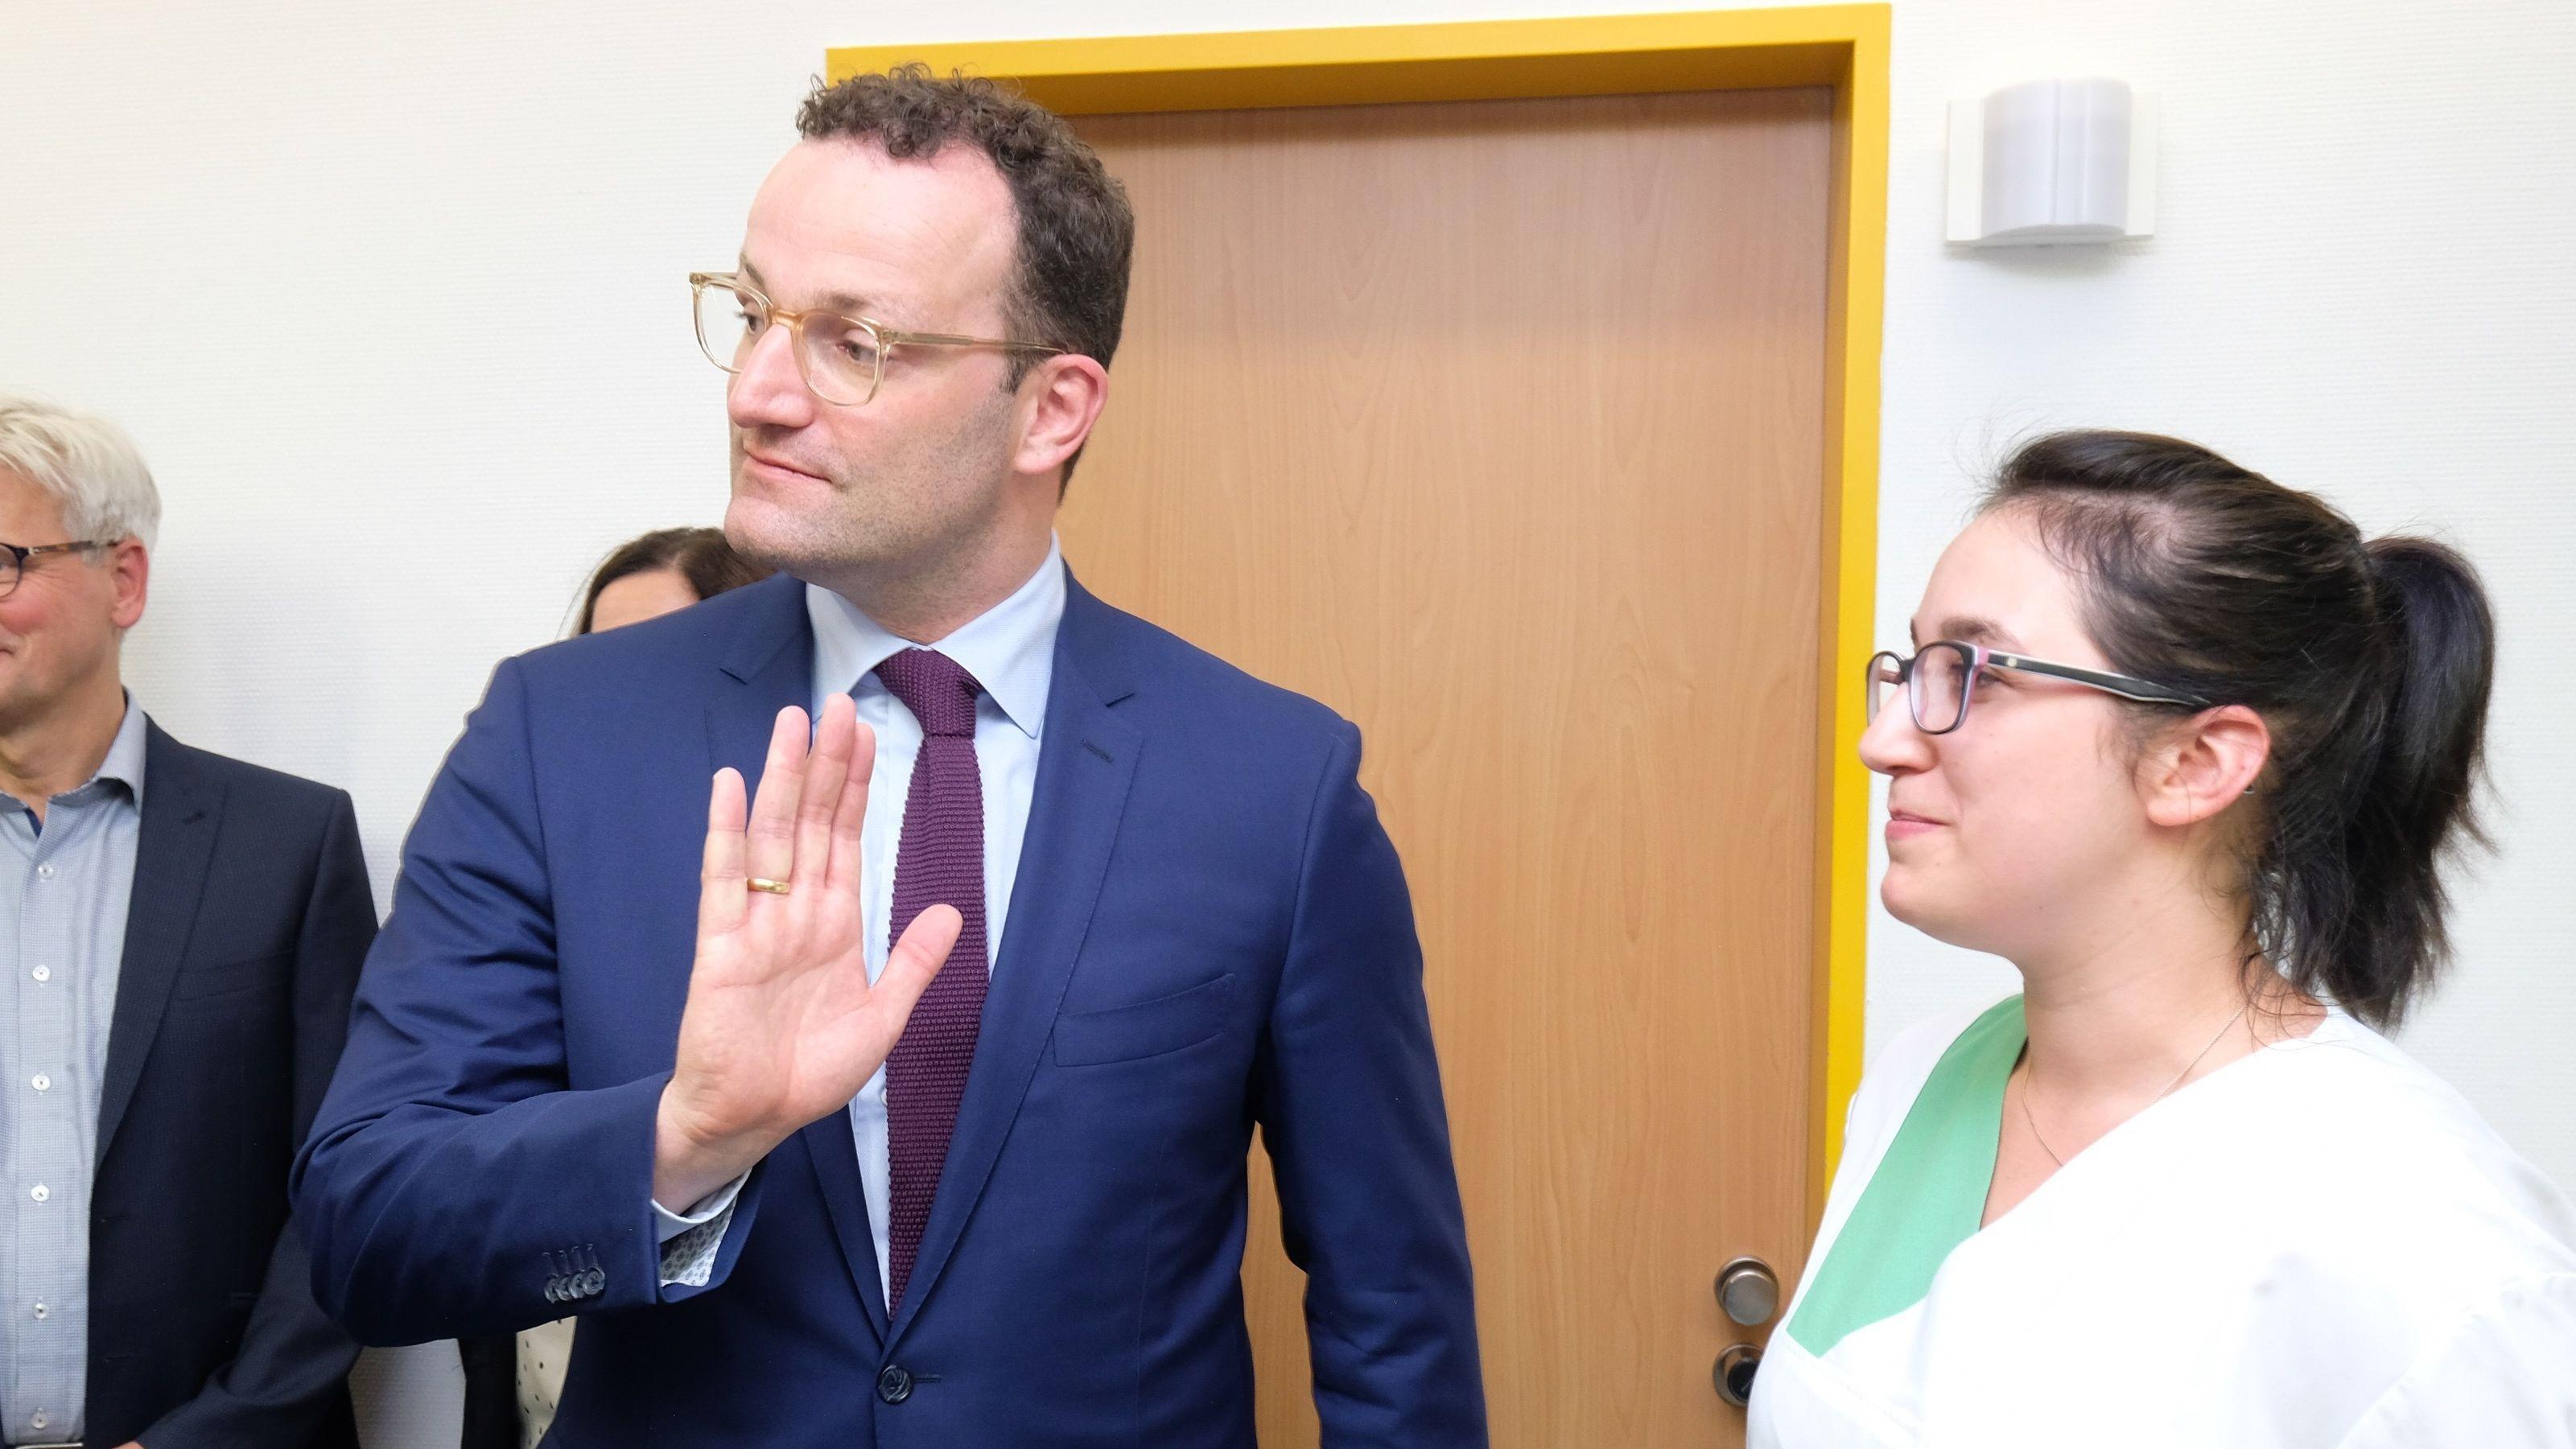 Jens Spahn fordert 14 Euro Mindestlohn in der Pflege